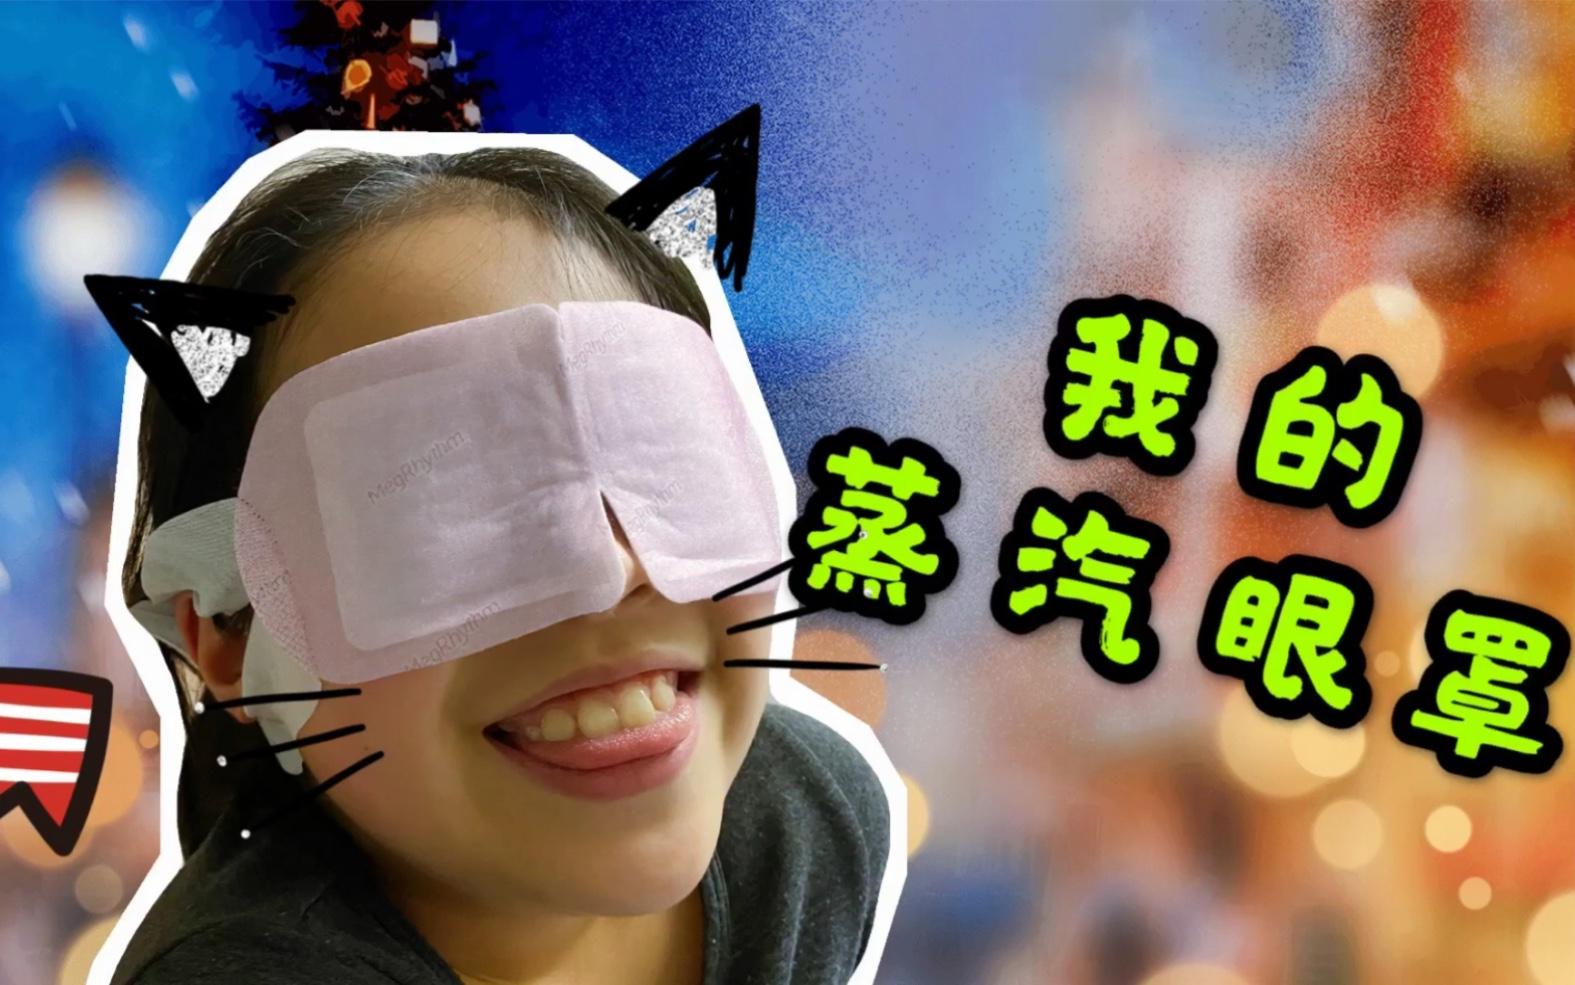 看电视眼睛酸了怎么办?缓解眼部疲劳预防近视,小学生来测评这款40度发热20分钟的蒸汽眼罩